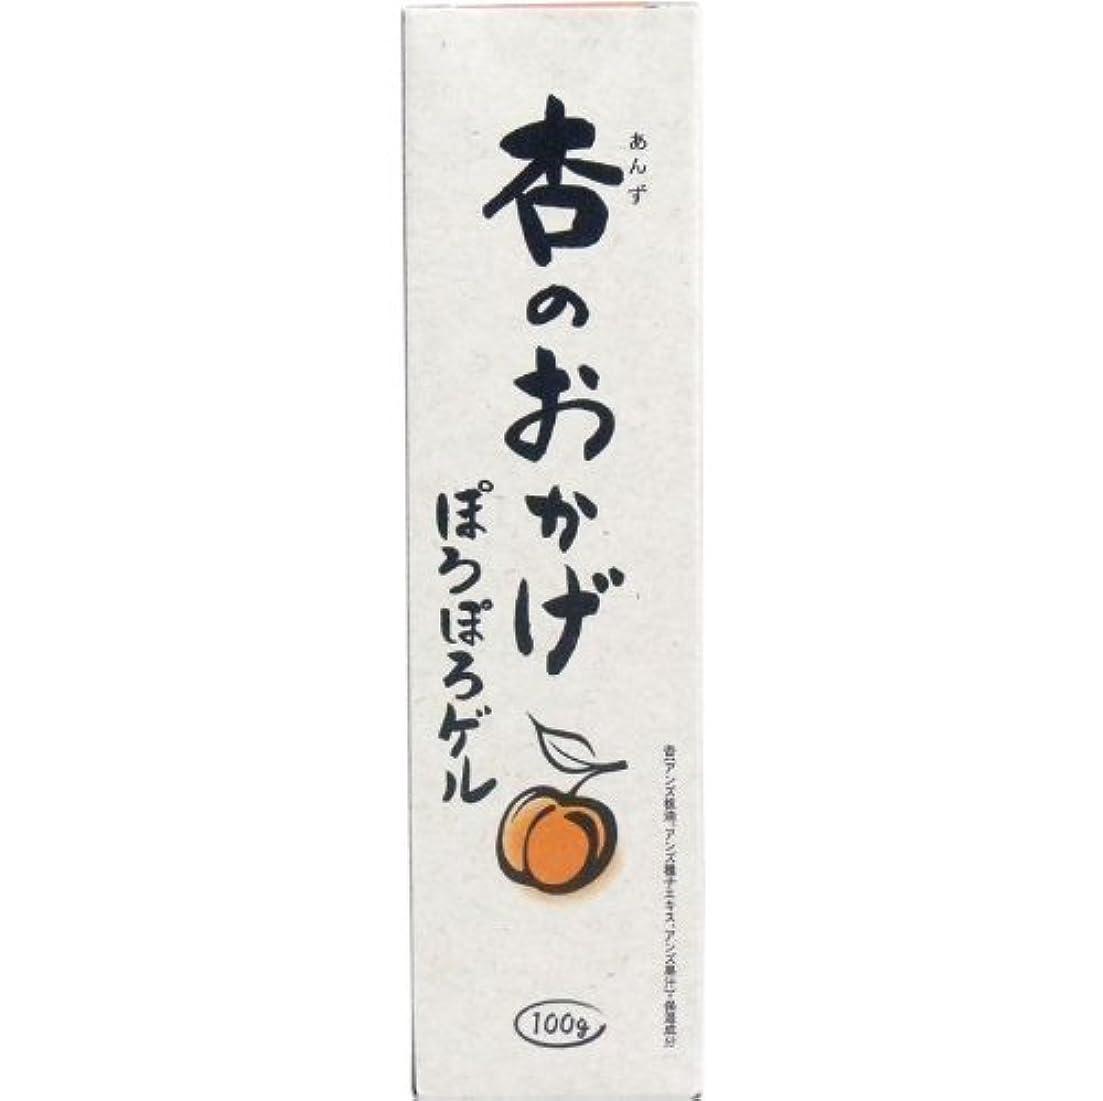 びっくりしたオフファントム杏のおかげ ぽろぽろゲル 100g【2個セット】